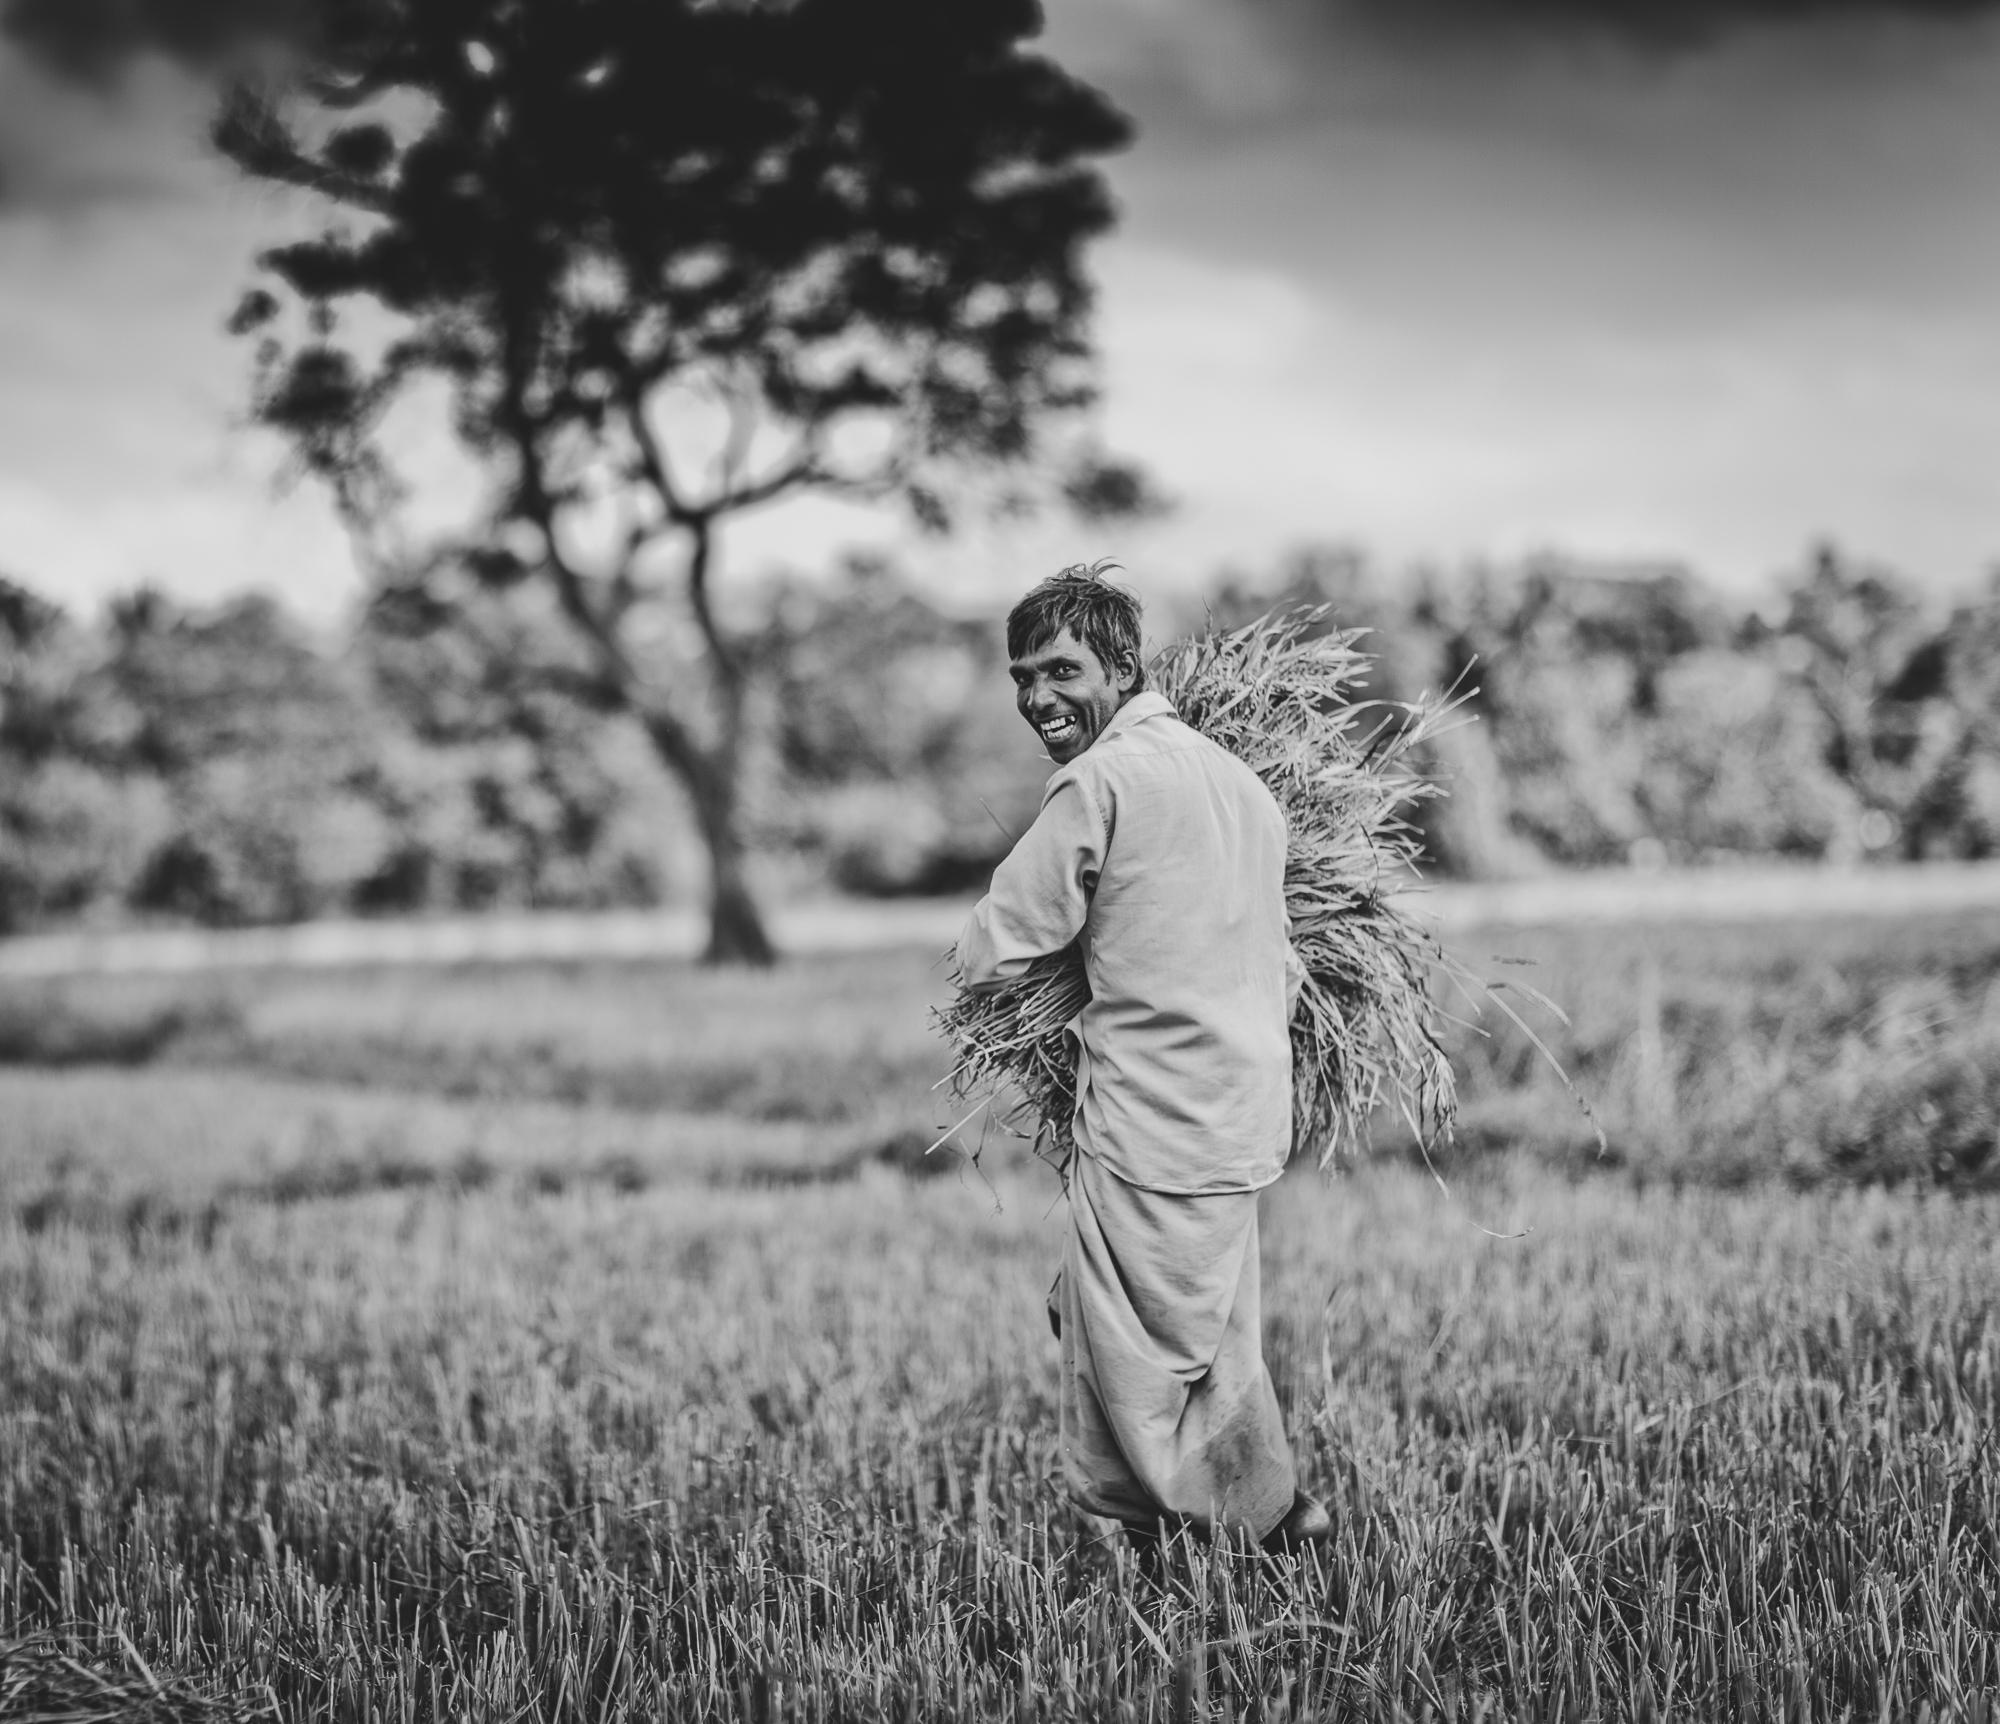 Harvesting a crop in Sri Lanka